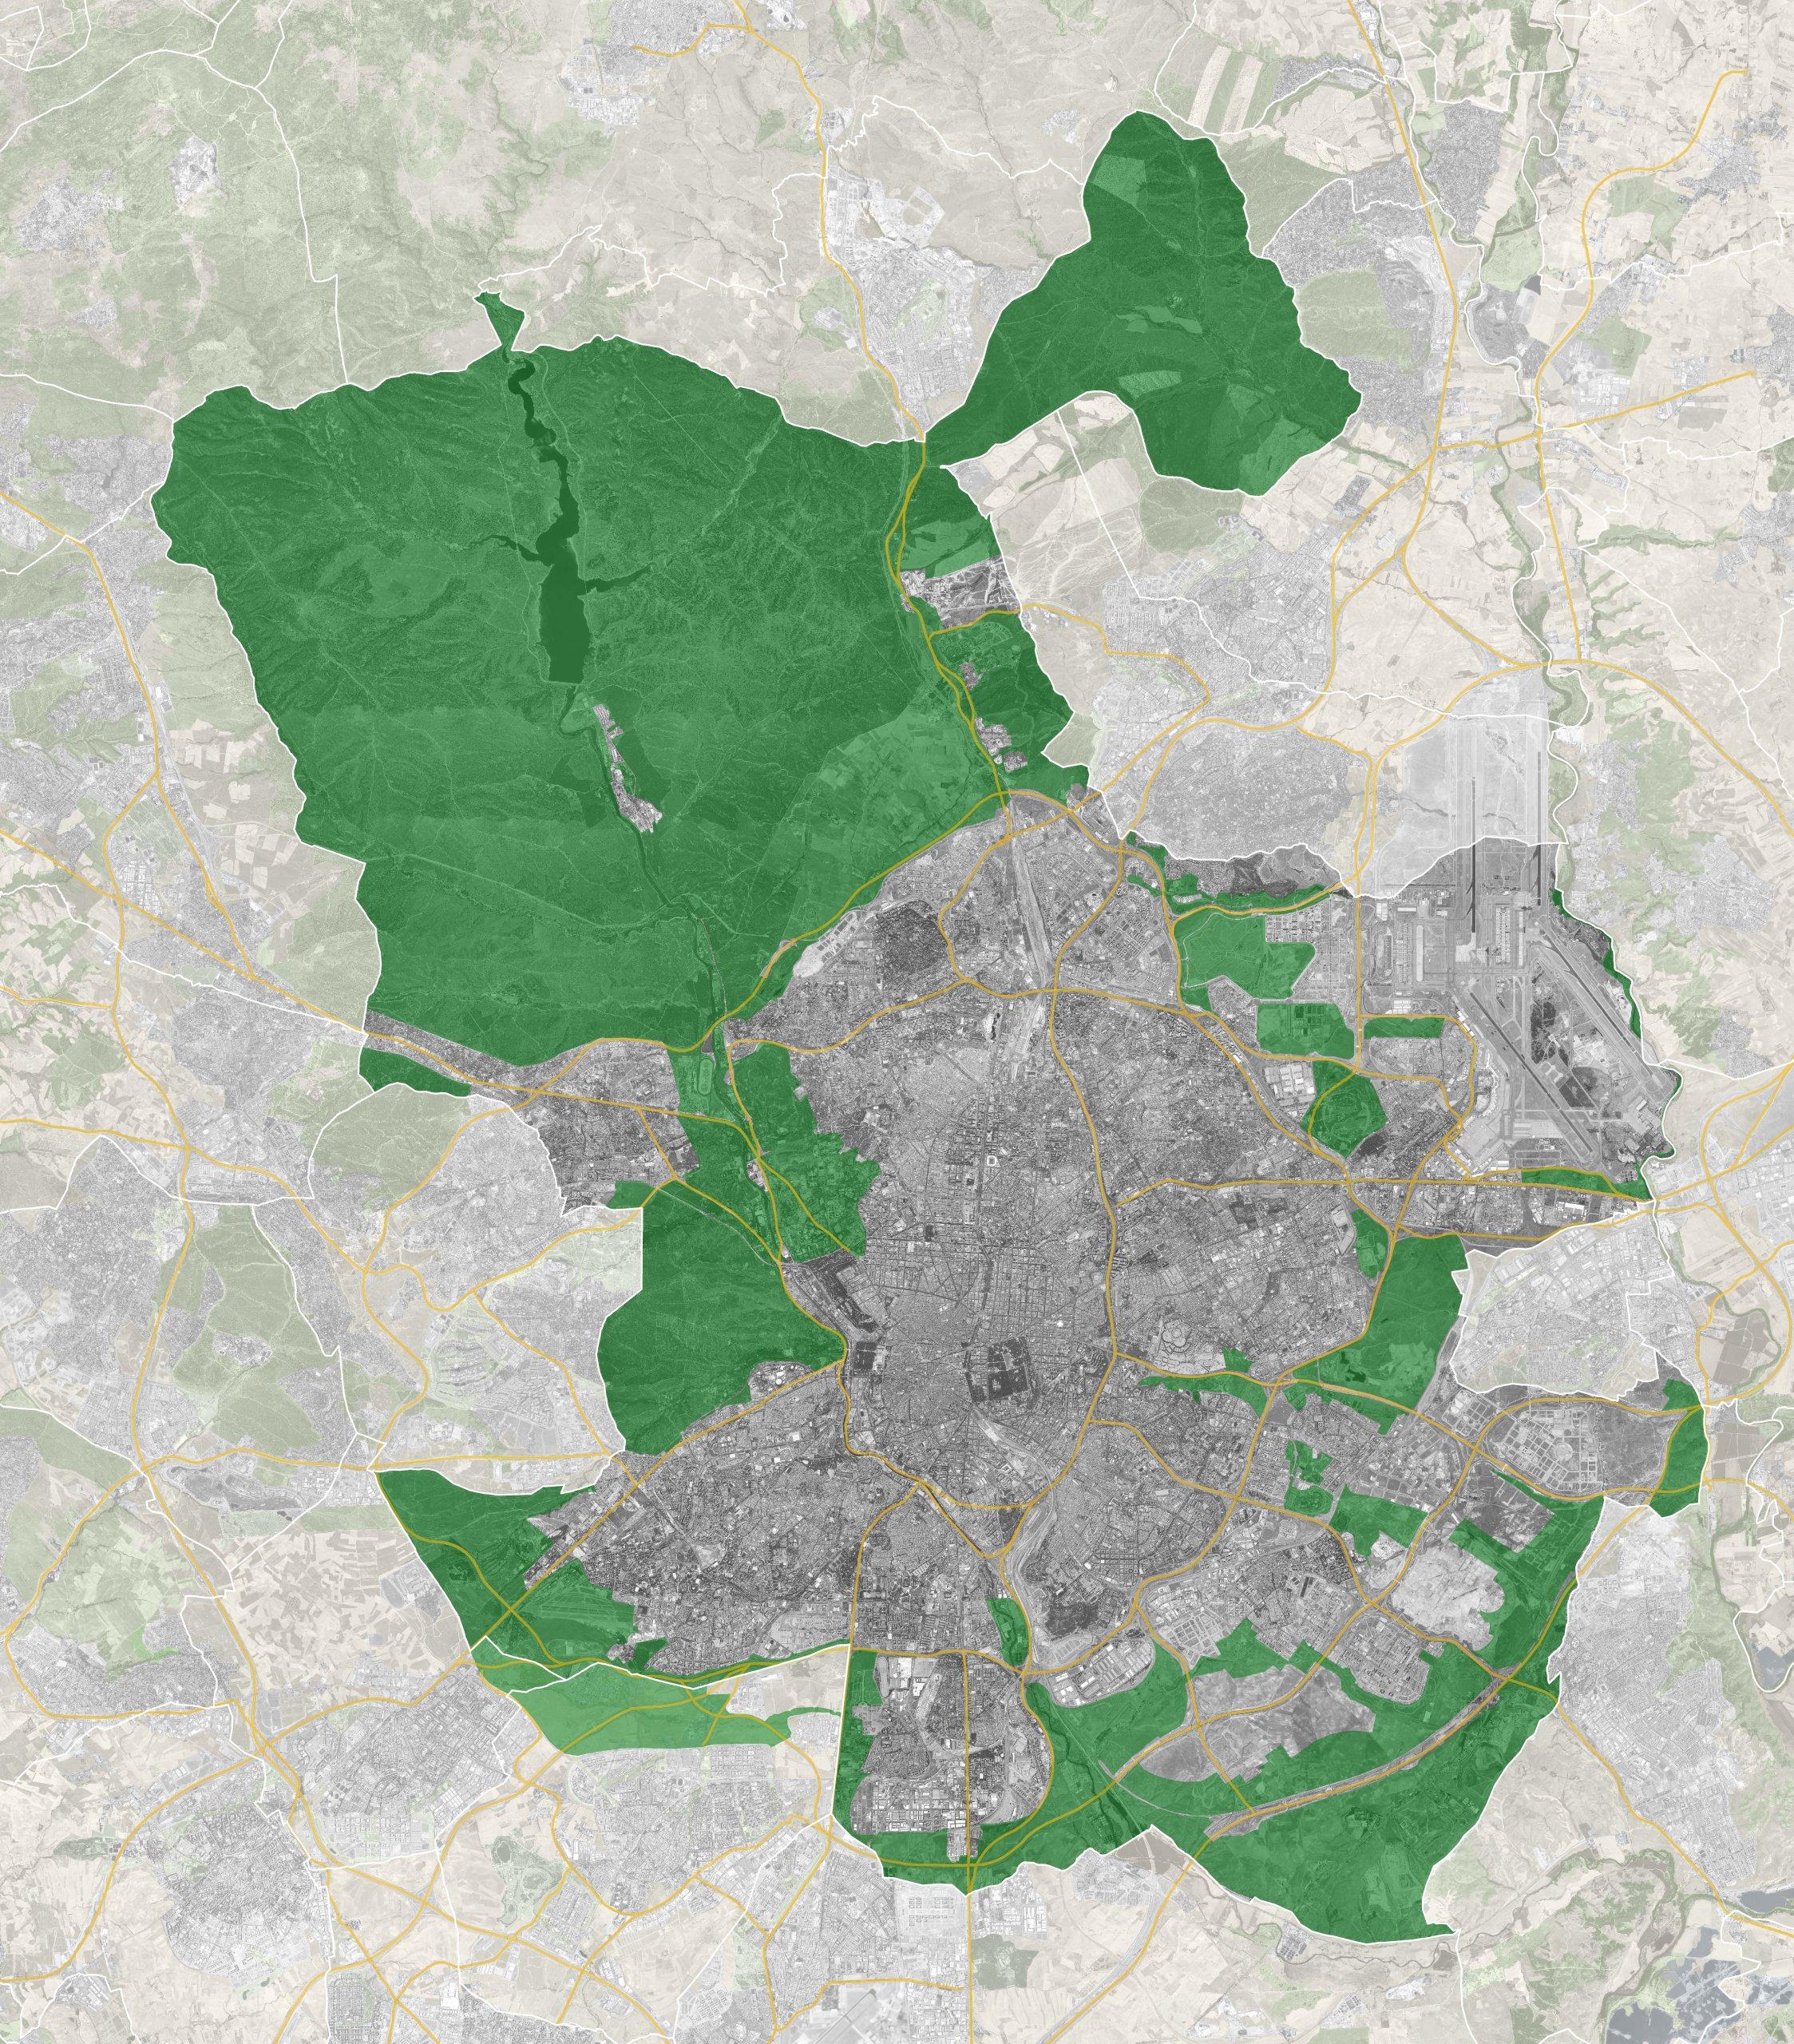 Madrid će dobiti nevjerojatnu urbanu šumu u borbi protiv onečišćenja i klimatskih promjena